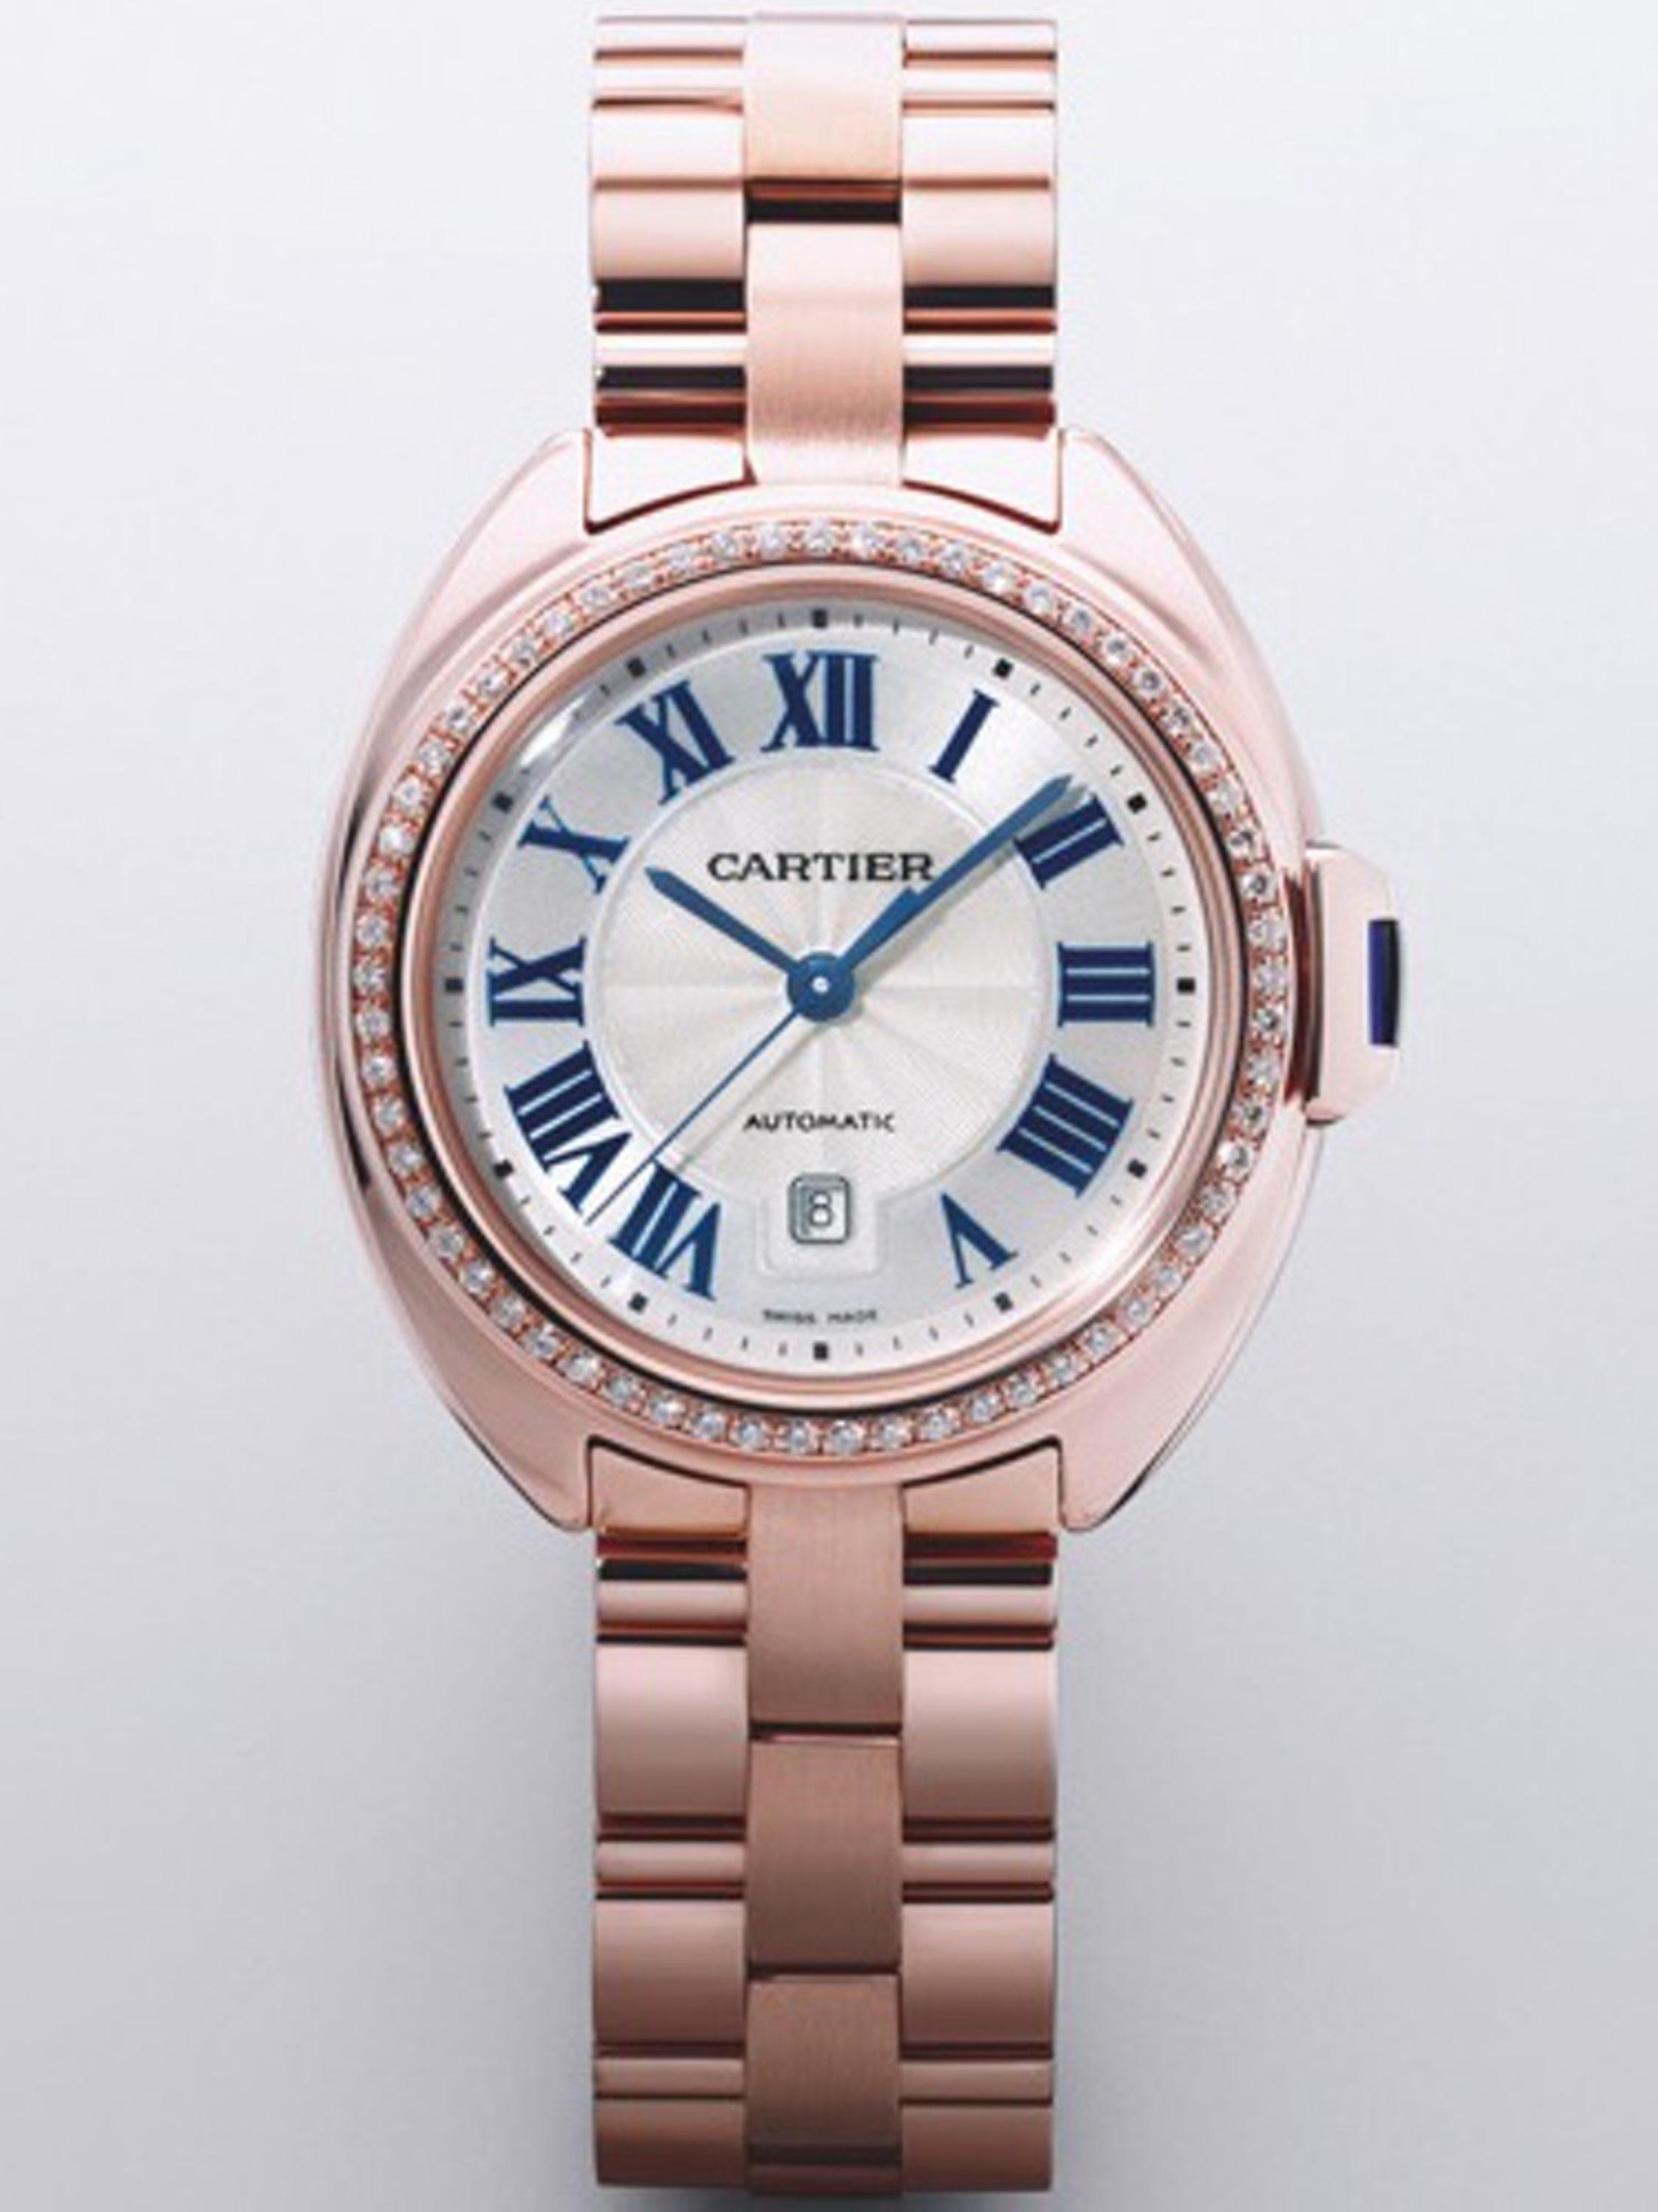 Joalheria Sara - Relógio Cartie Cl� de ouro rosa com diamantes alta.jpg